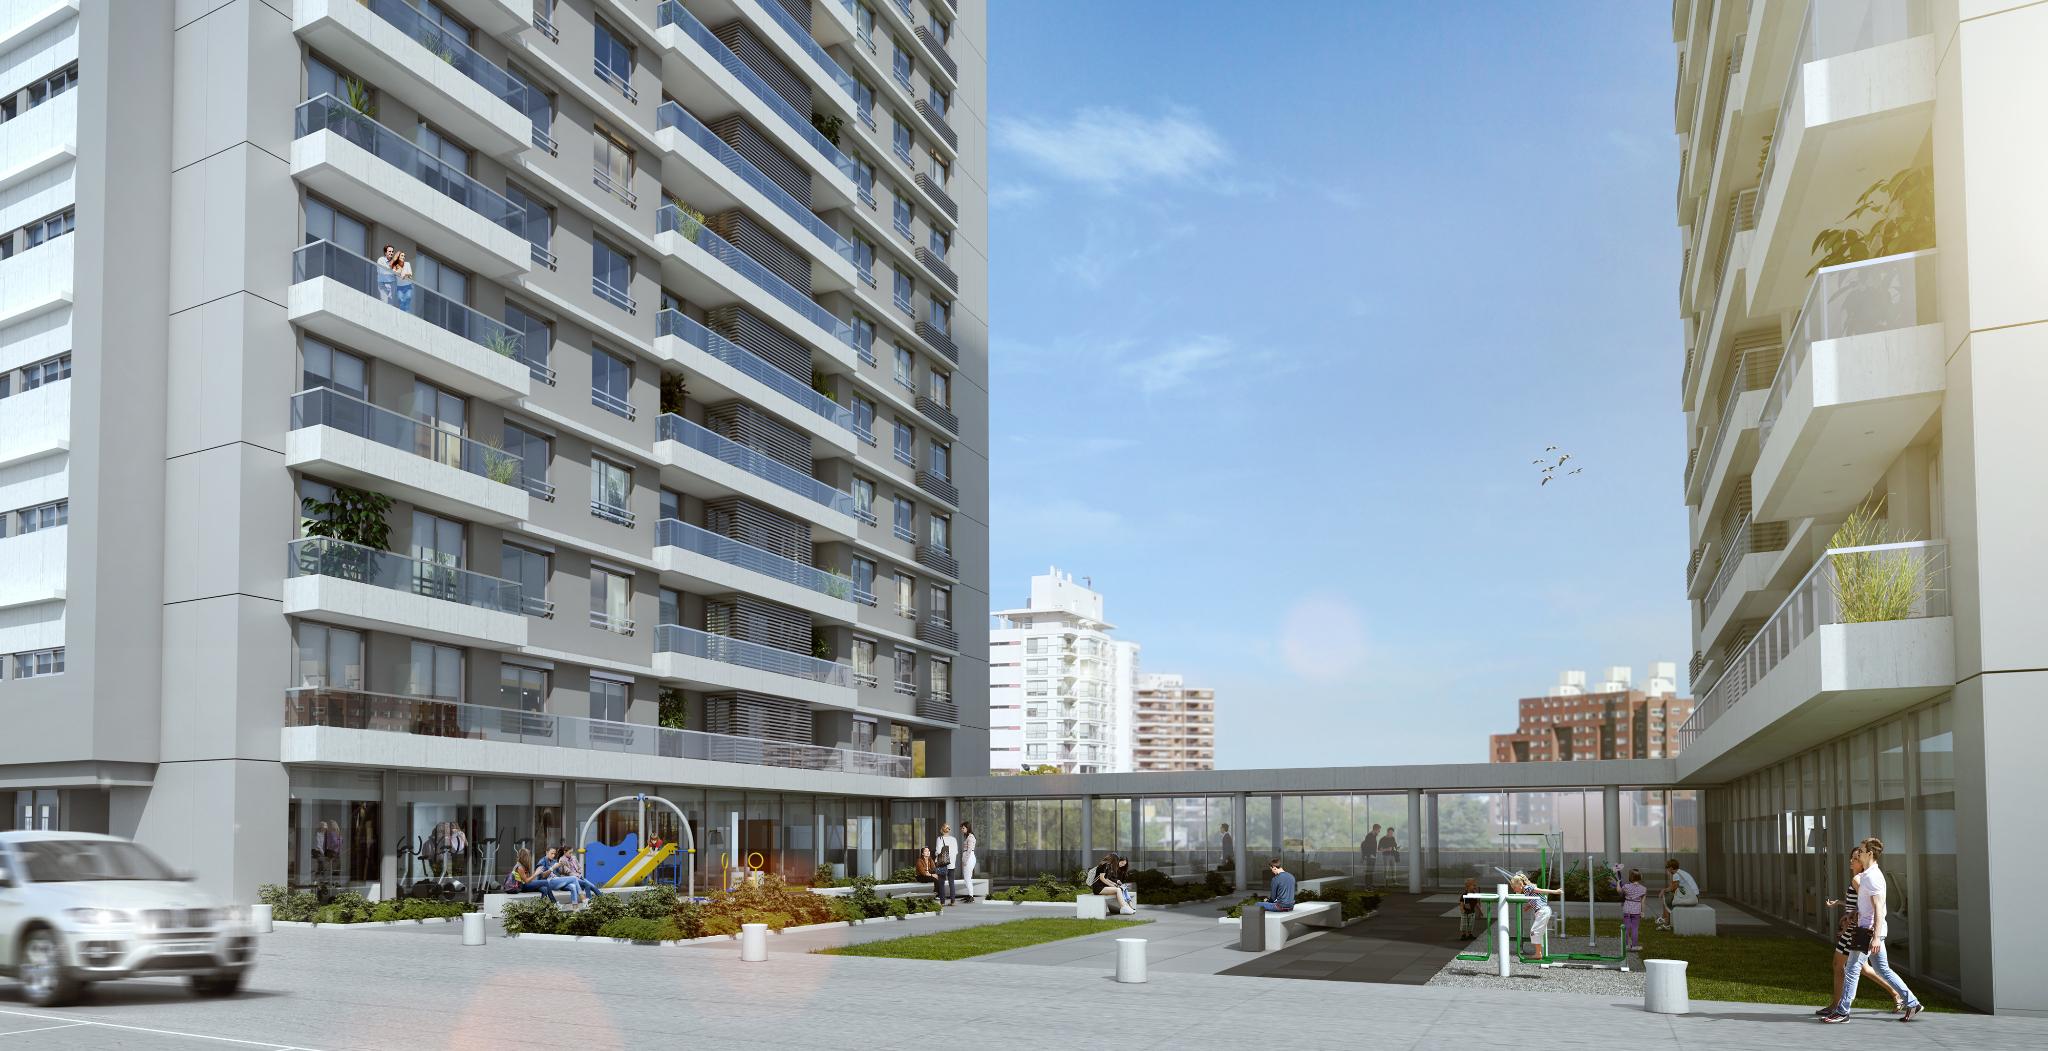 Estrellas de Malvin 2 - Kosak Inversiones Inmobiliarias